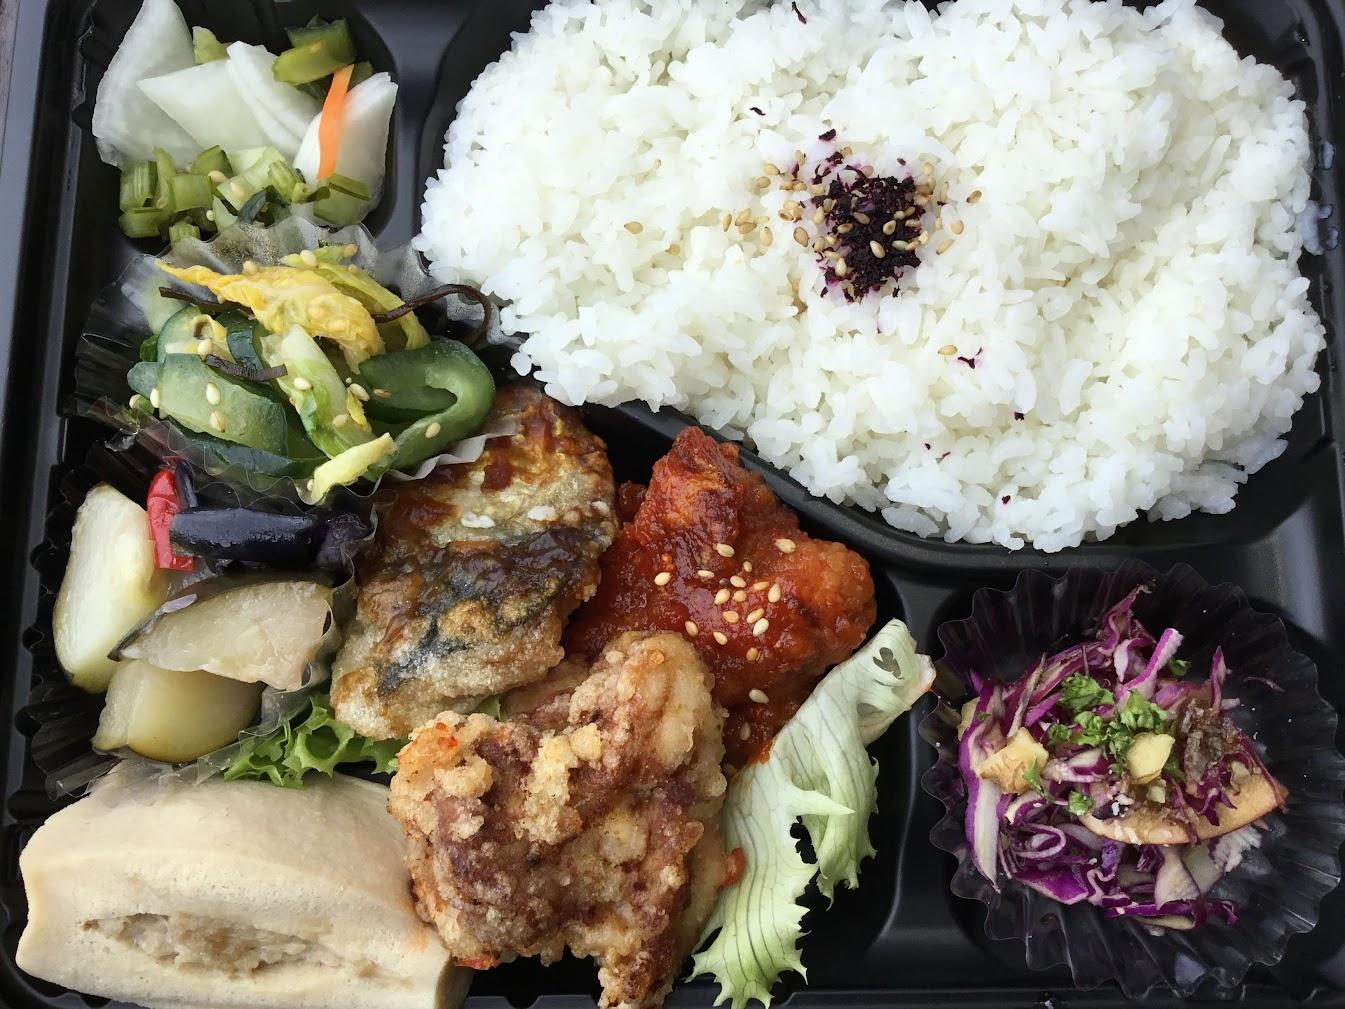 チハナは美味しいお弁当屋さん。弁当を買って、平和台で食べました。食べるって幸せだなぁ